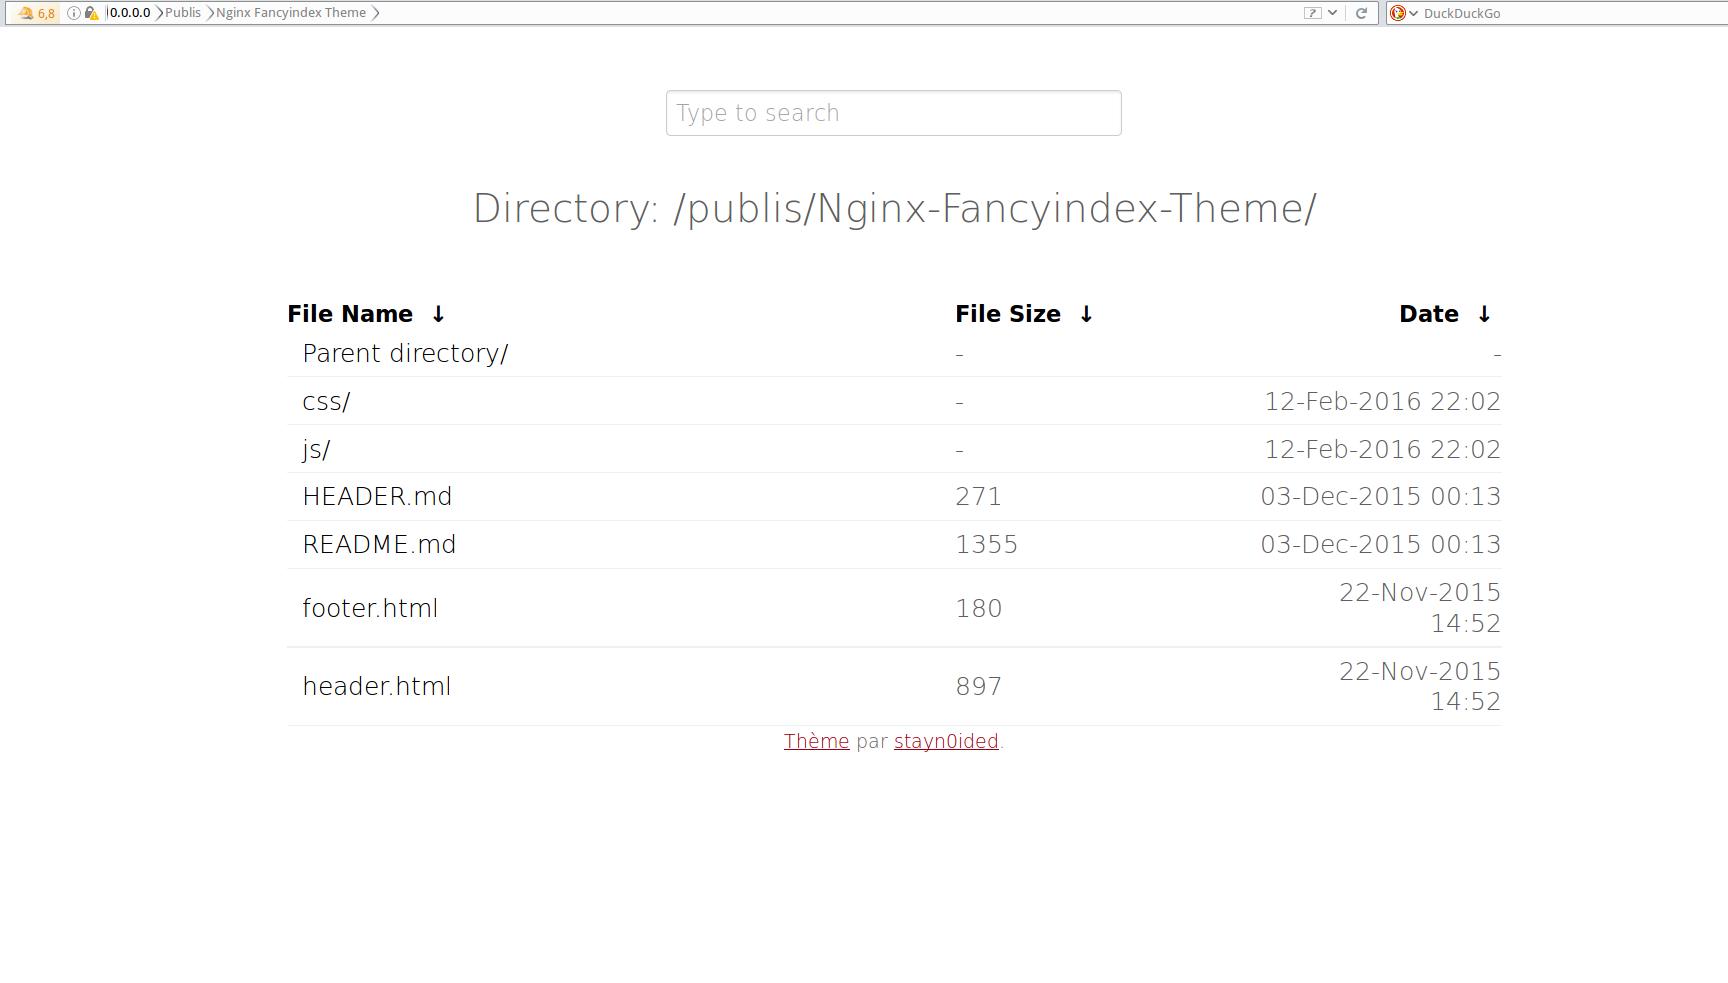 Index of /besson/publis/Nginx-Fancyindex-Theme